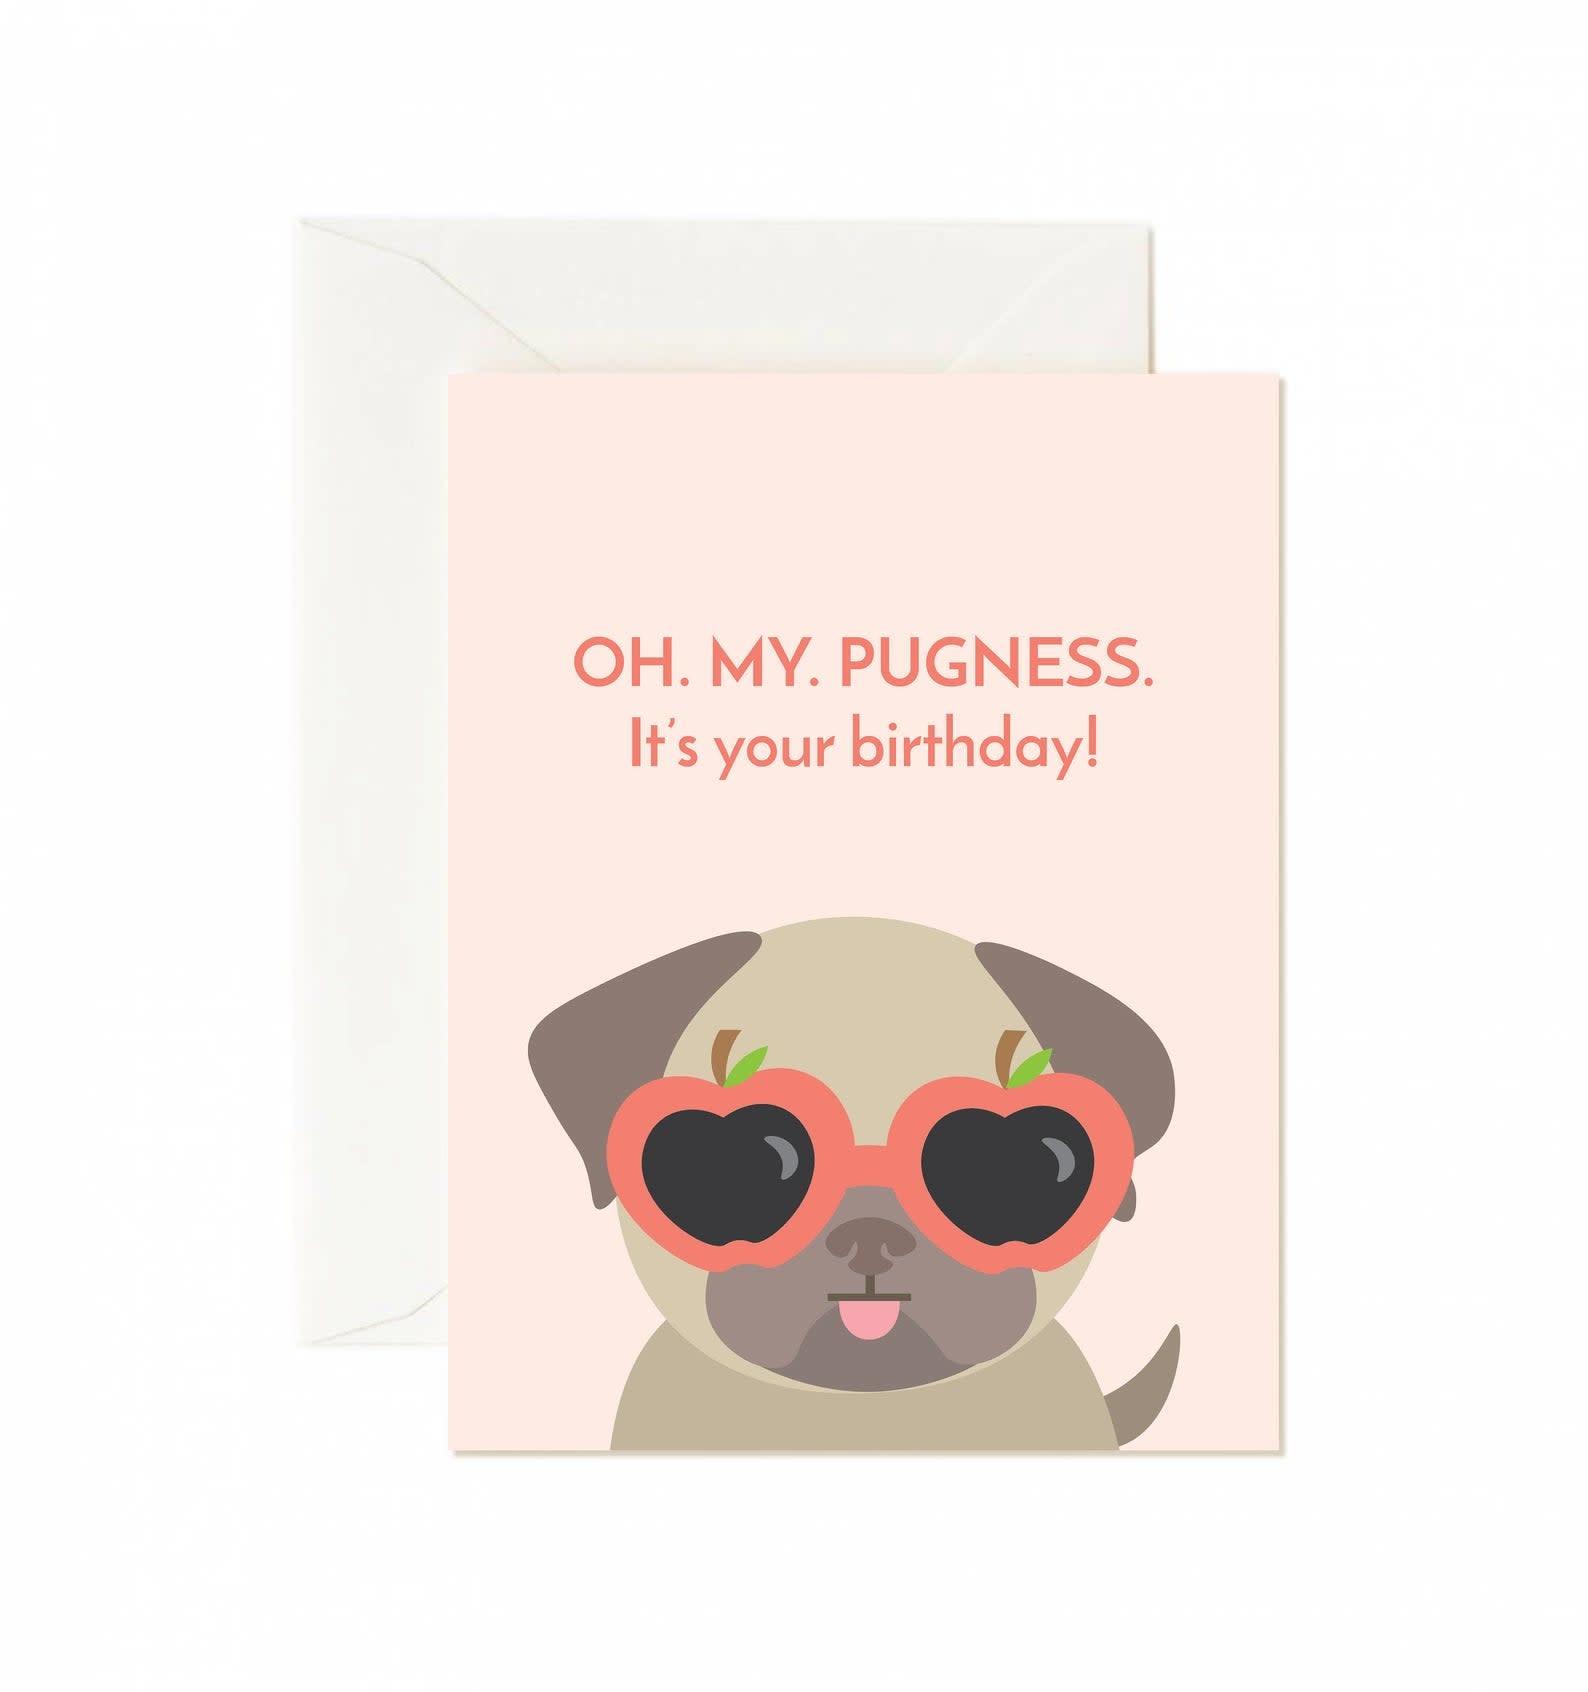 pug birthday card-1